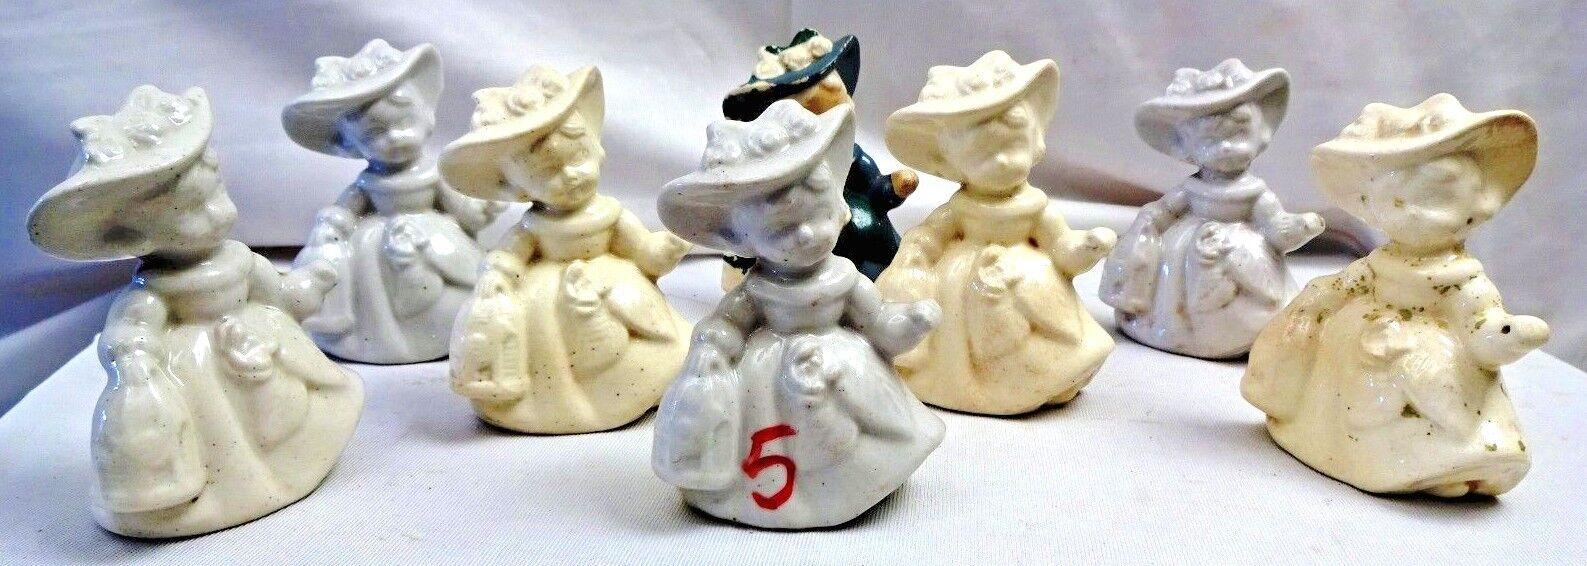 Figura De Muñecas Vintage Cerámica Porcelana bailando Hermoso Coleccionable Sombrero Grande